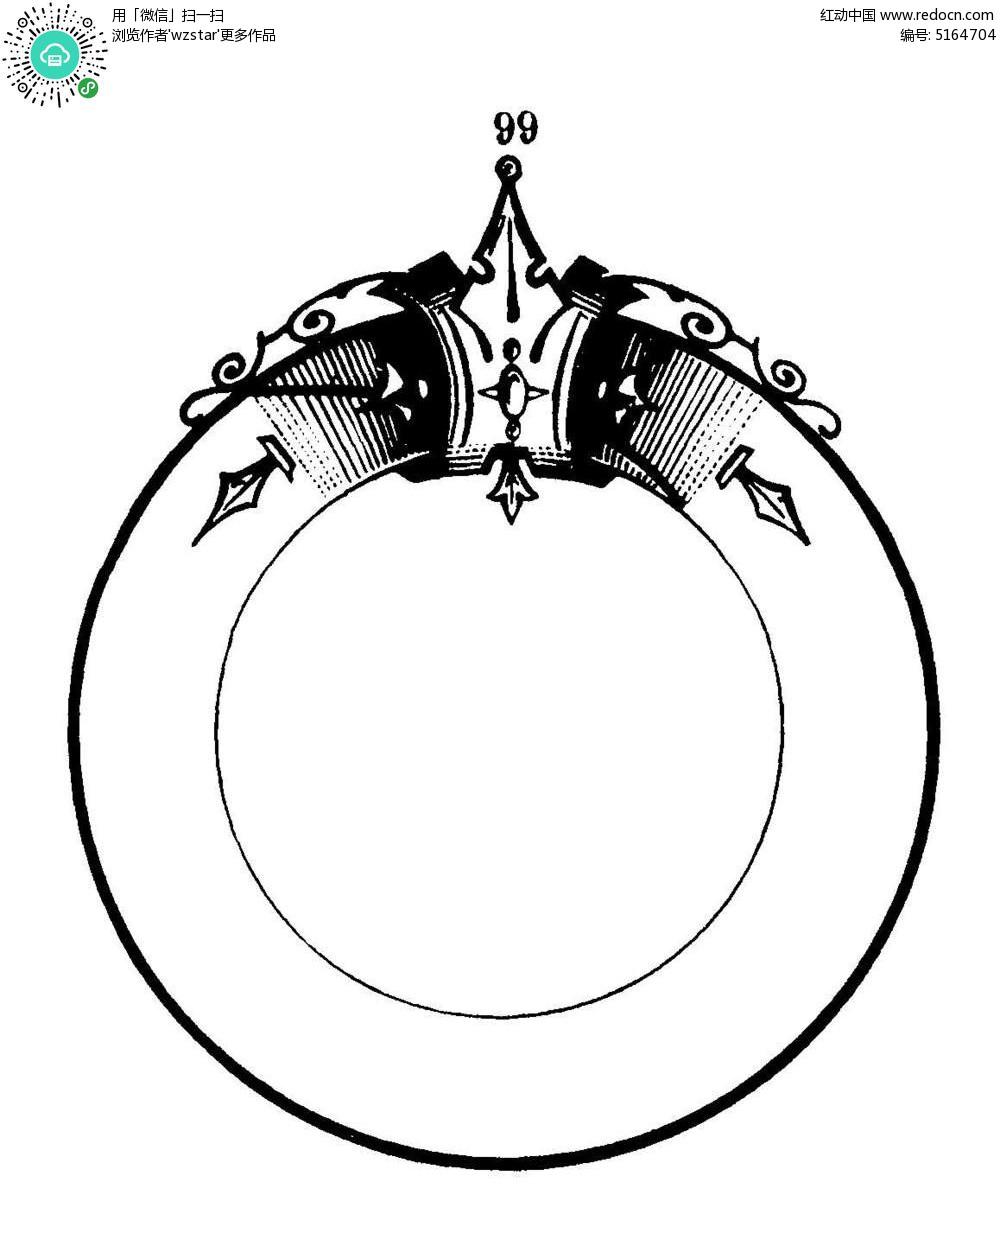 环形动物的主要特征